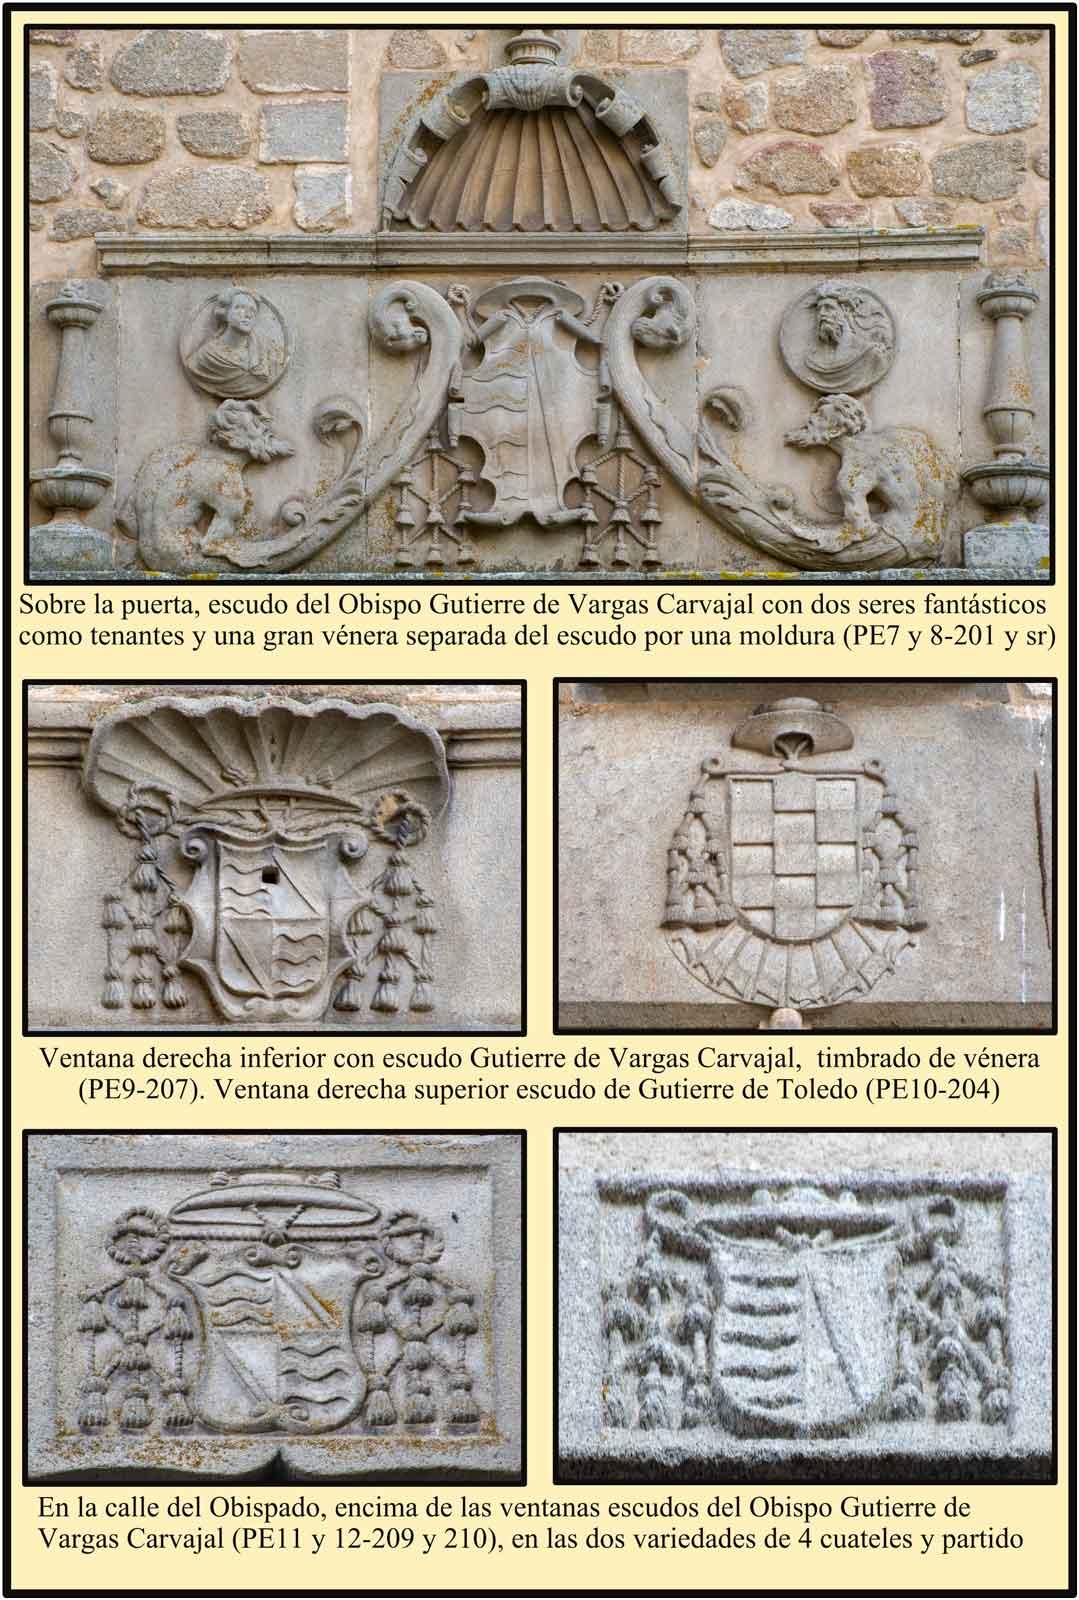 escudos de obispos en la fachada del Palacio Episcopal de Plasencia